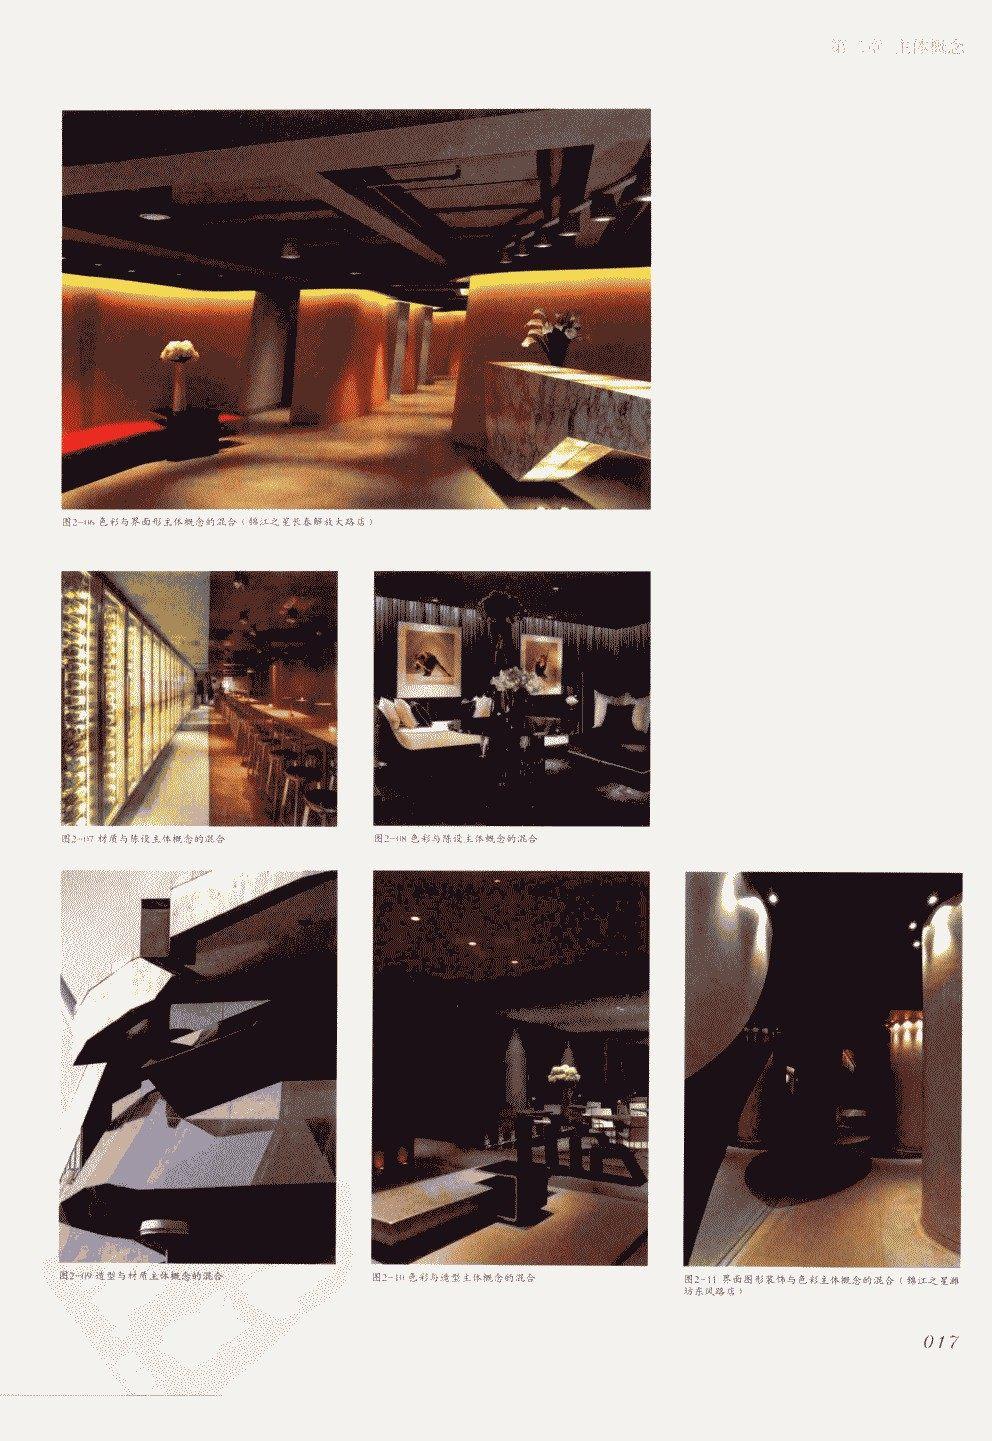 室内设计纲要++概念思考与过程表达_室内设计纲要  概念思考与过程表达_1297982..._页面_025.jpg